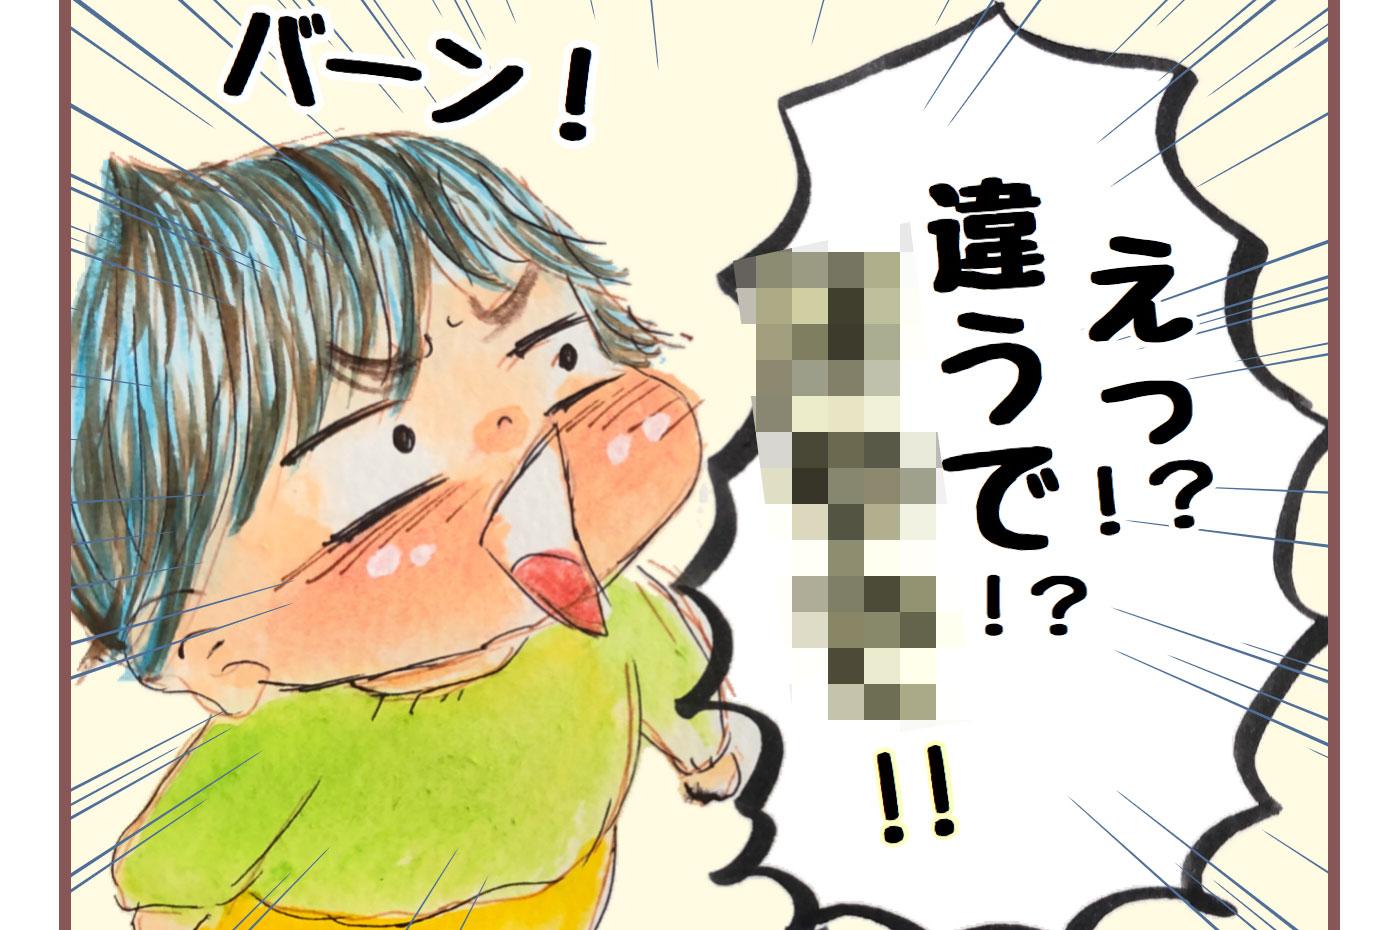 冬になると増える【おねしょ】、次男の言い訳が強引すぎる!